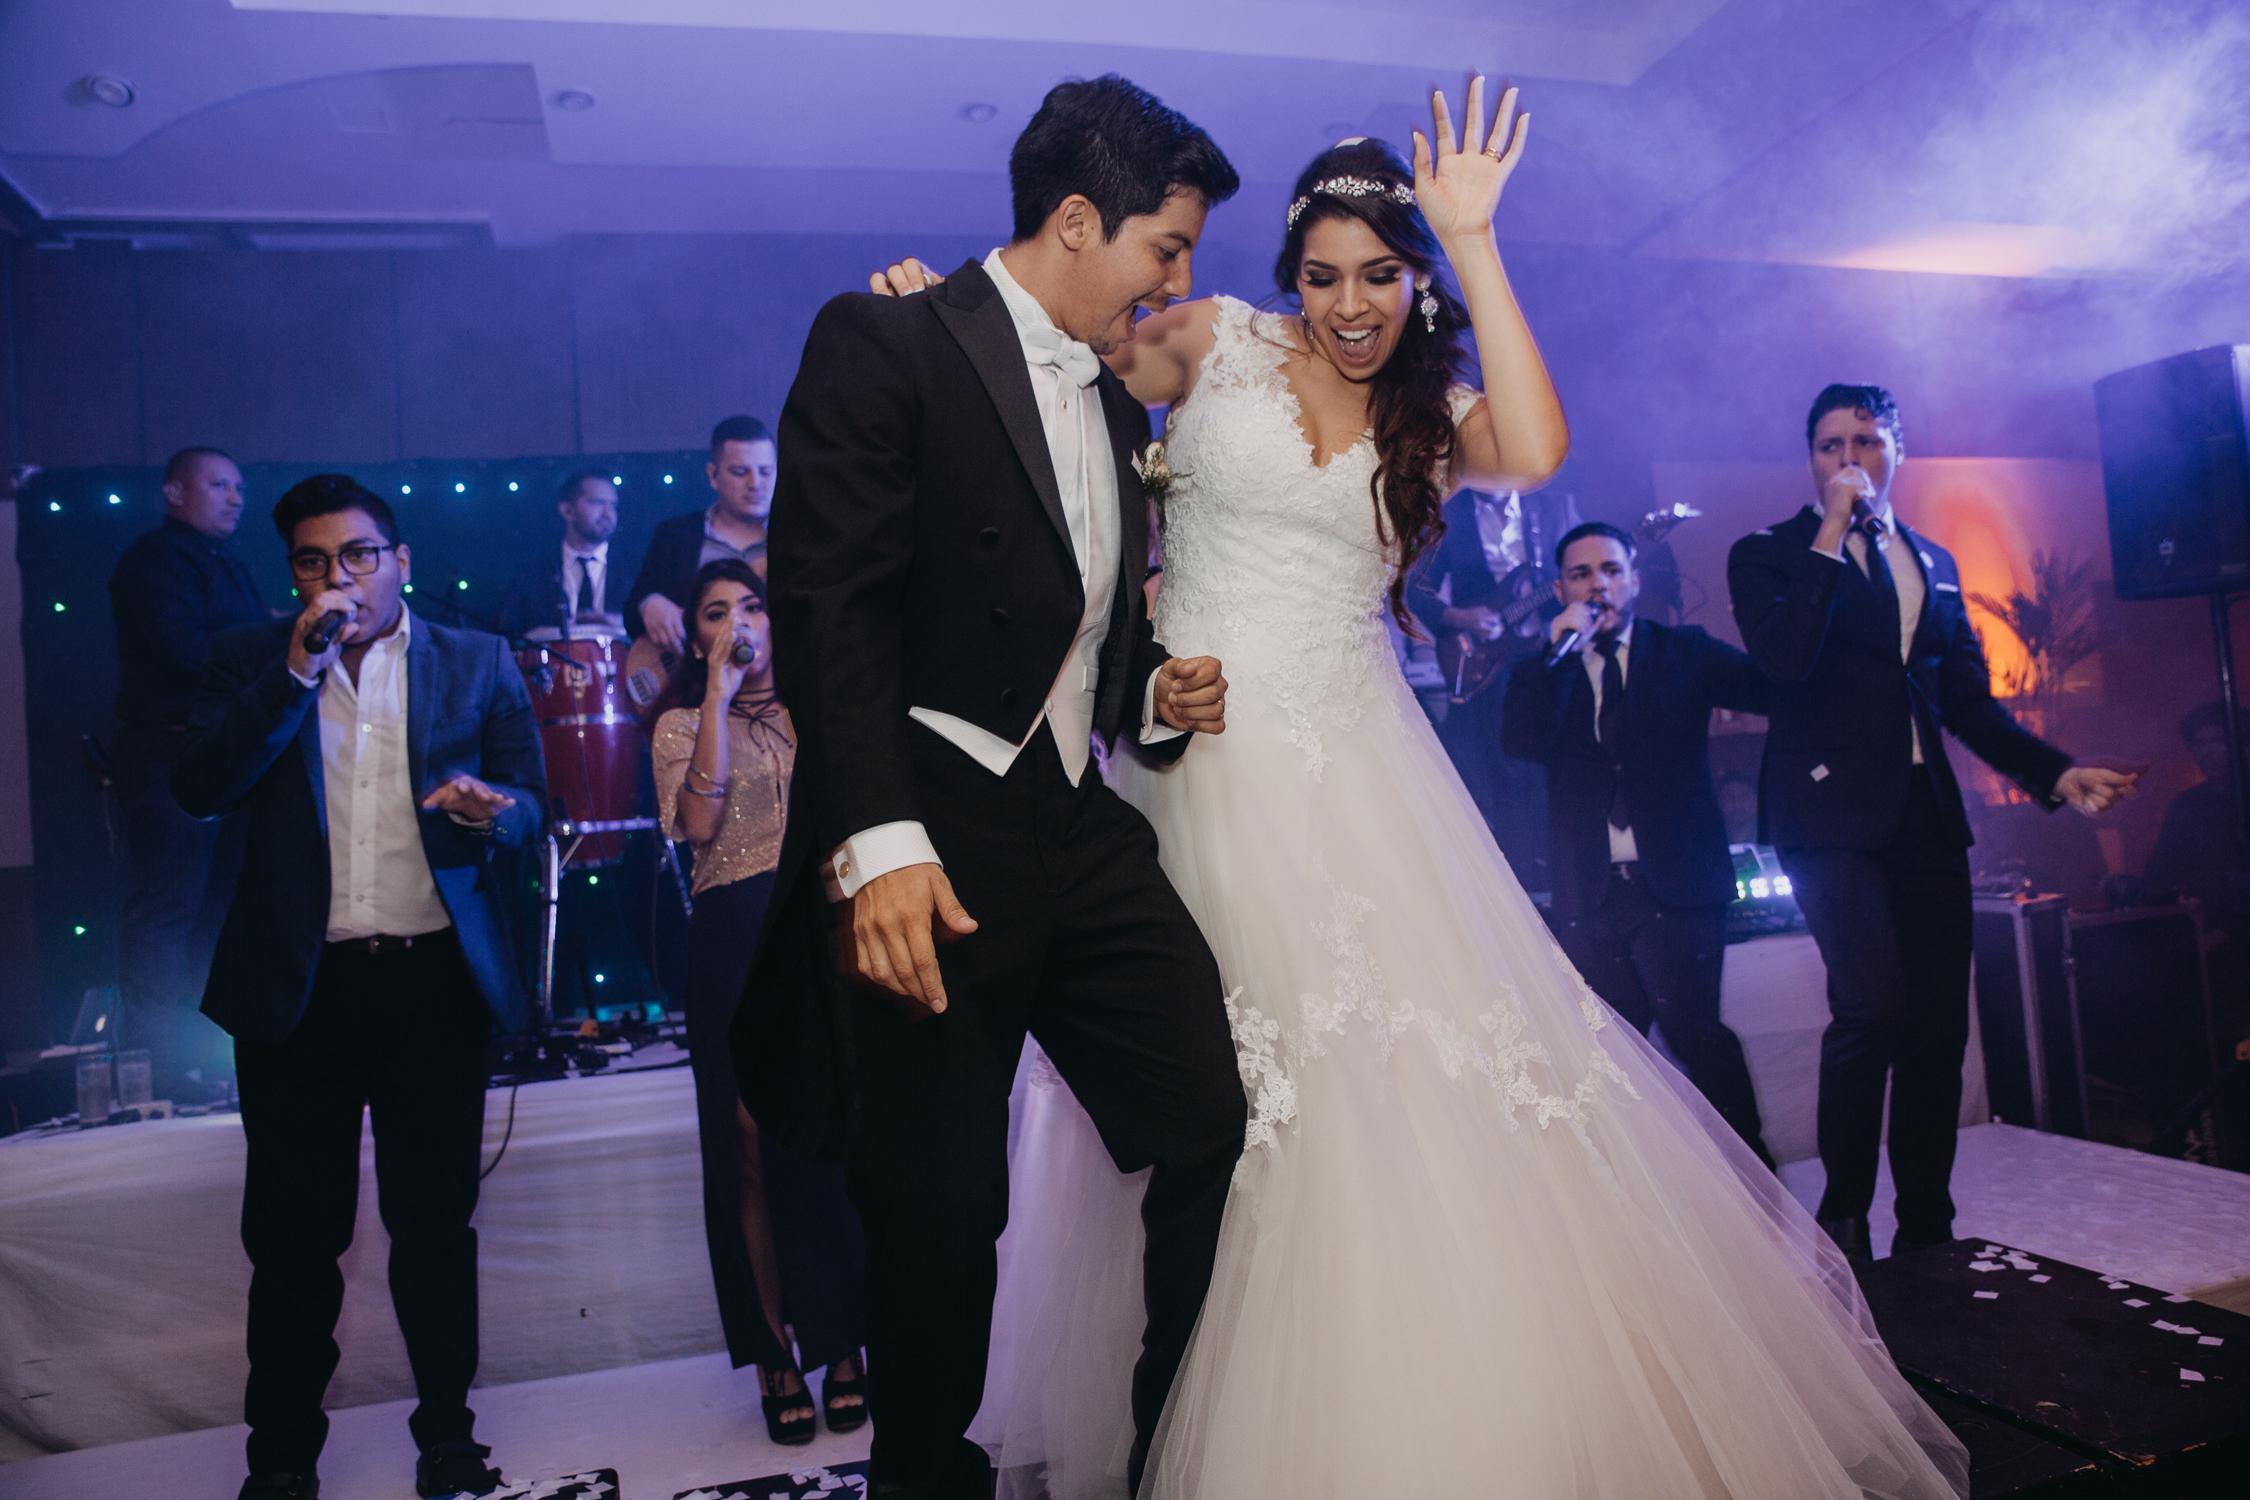 Michelle-Agurto-Fotografia-Bodas-Ecuador-Destination-Wedding-Photographer-Patricia-Guido-324.JPG